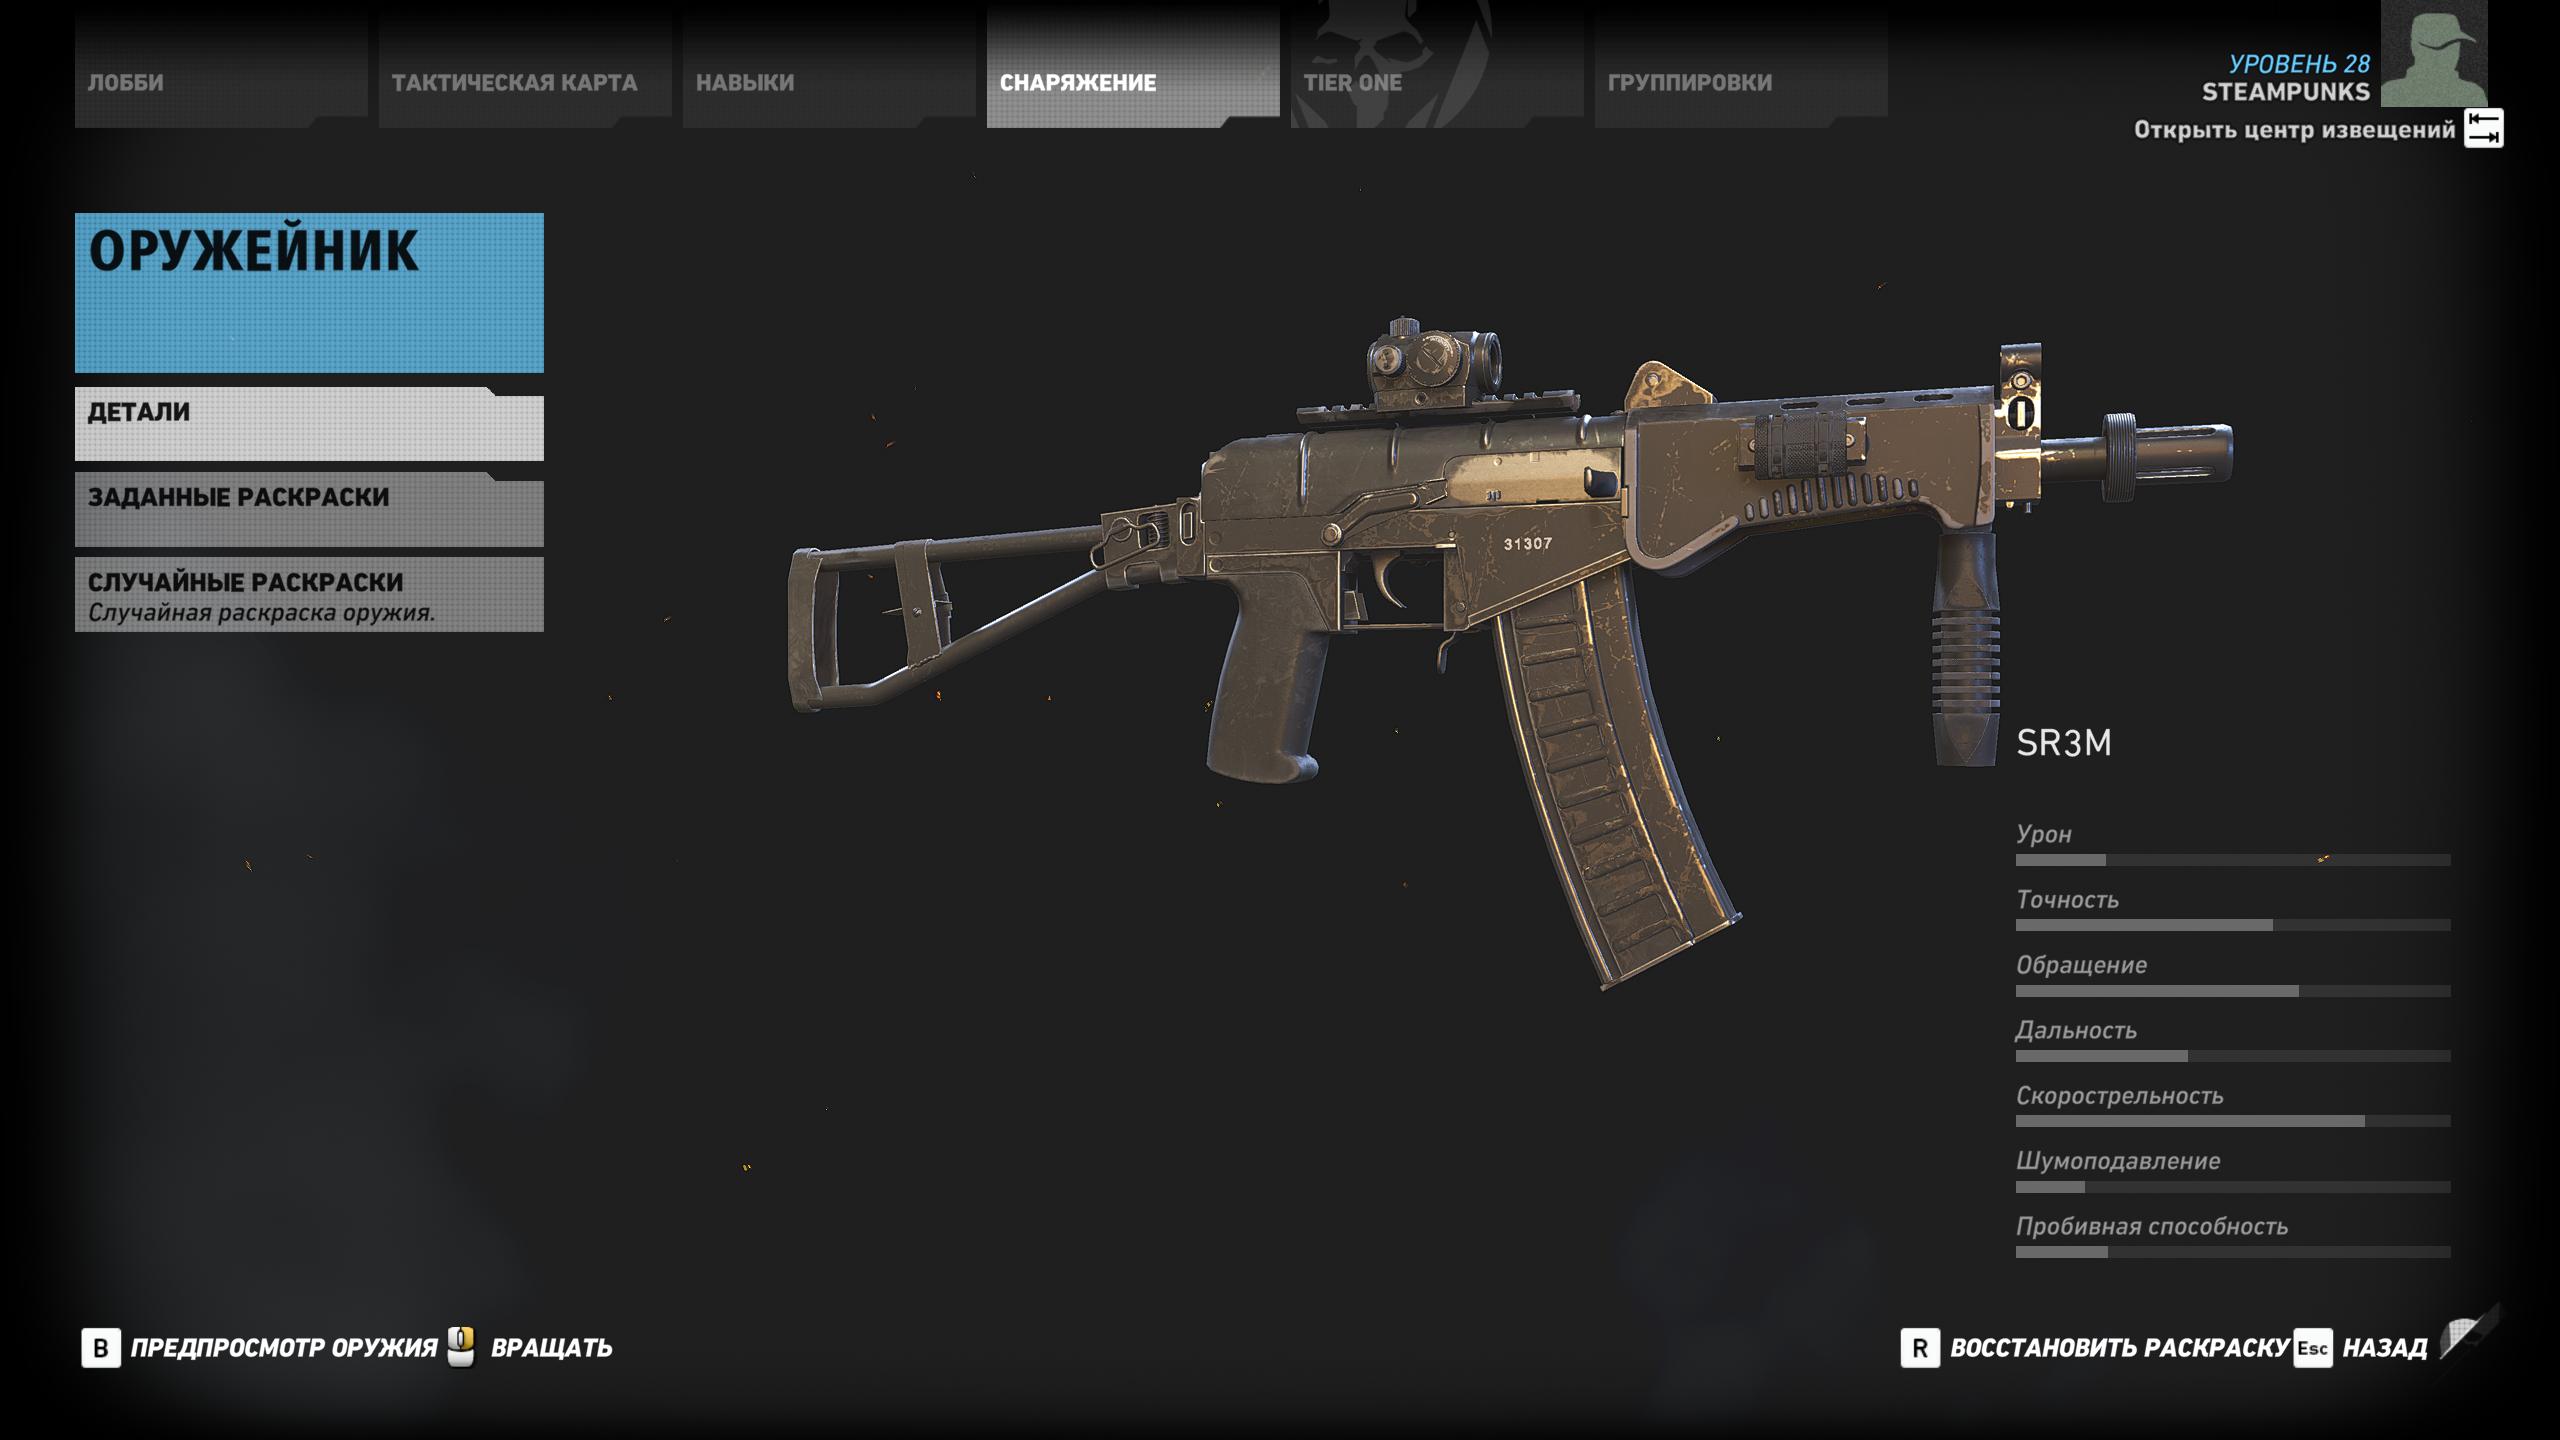 SR3M - Tom Clancy's Ghost Recon: Wildlands Оружие